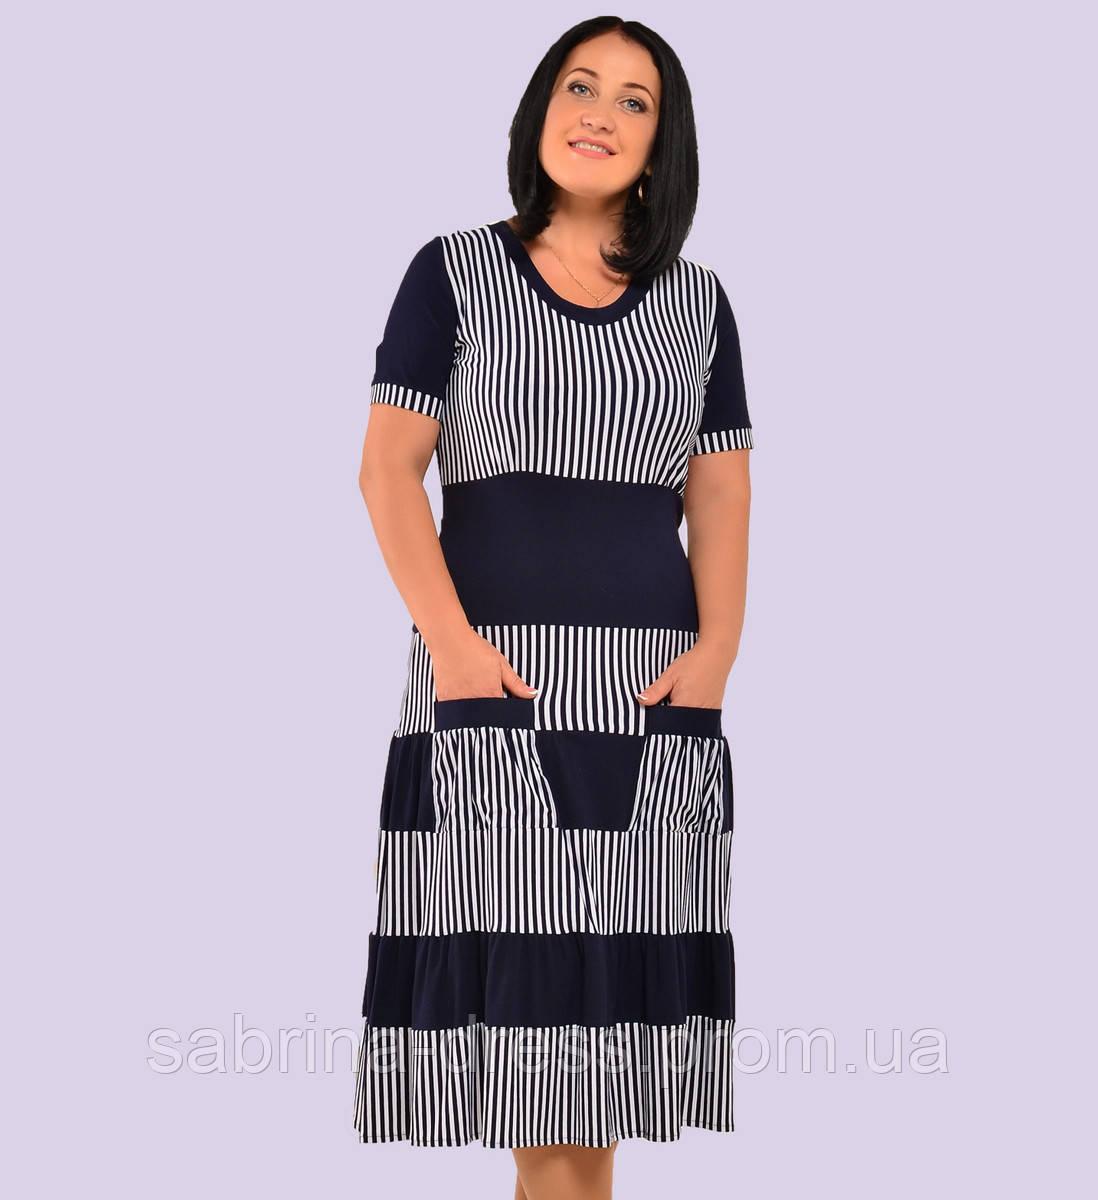 Женское трикотажное платье. Модель 62. Размеры 50-66